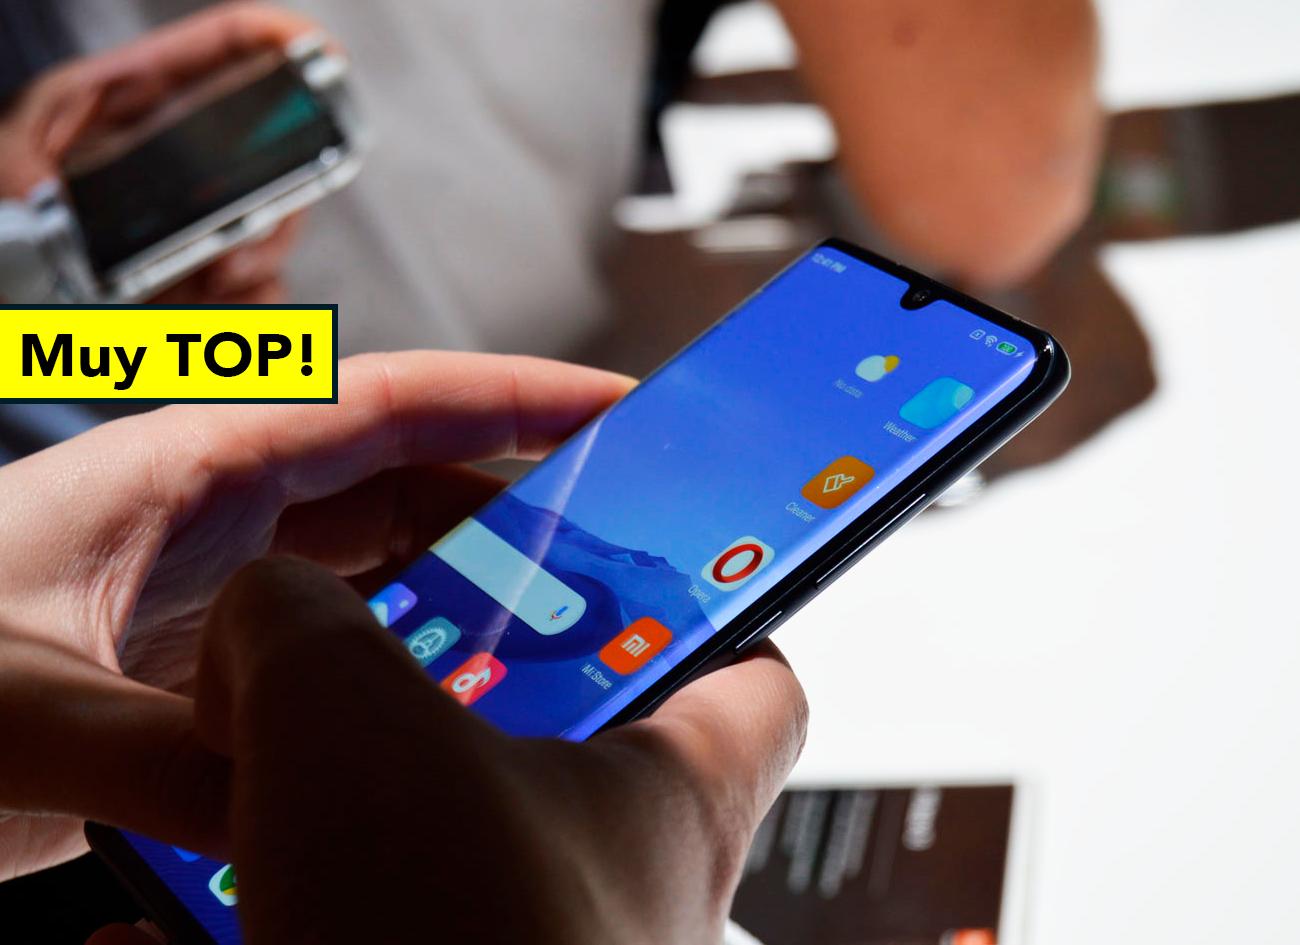 Controla tu móvil Xiaomi desde tu ordenador: será la mejor aplicación de Xiaomi